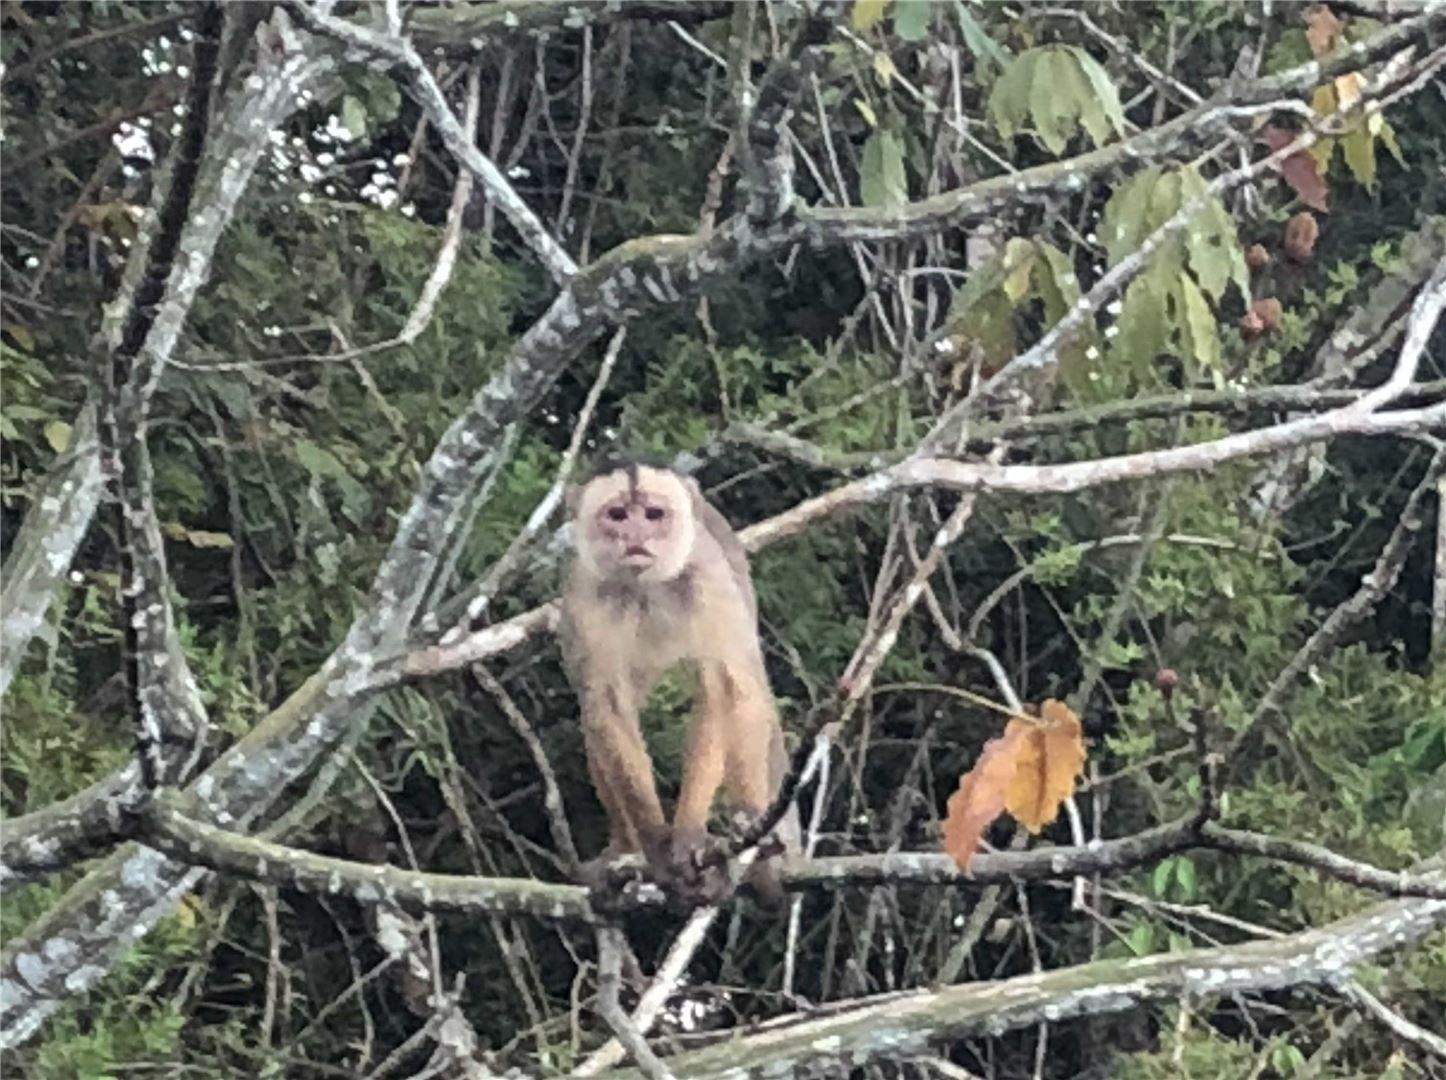 Amazon nature river cruises animals monkey vacation travel